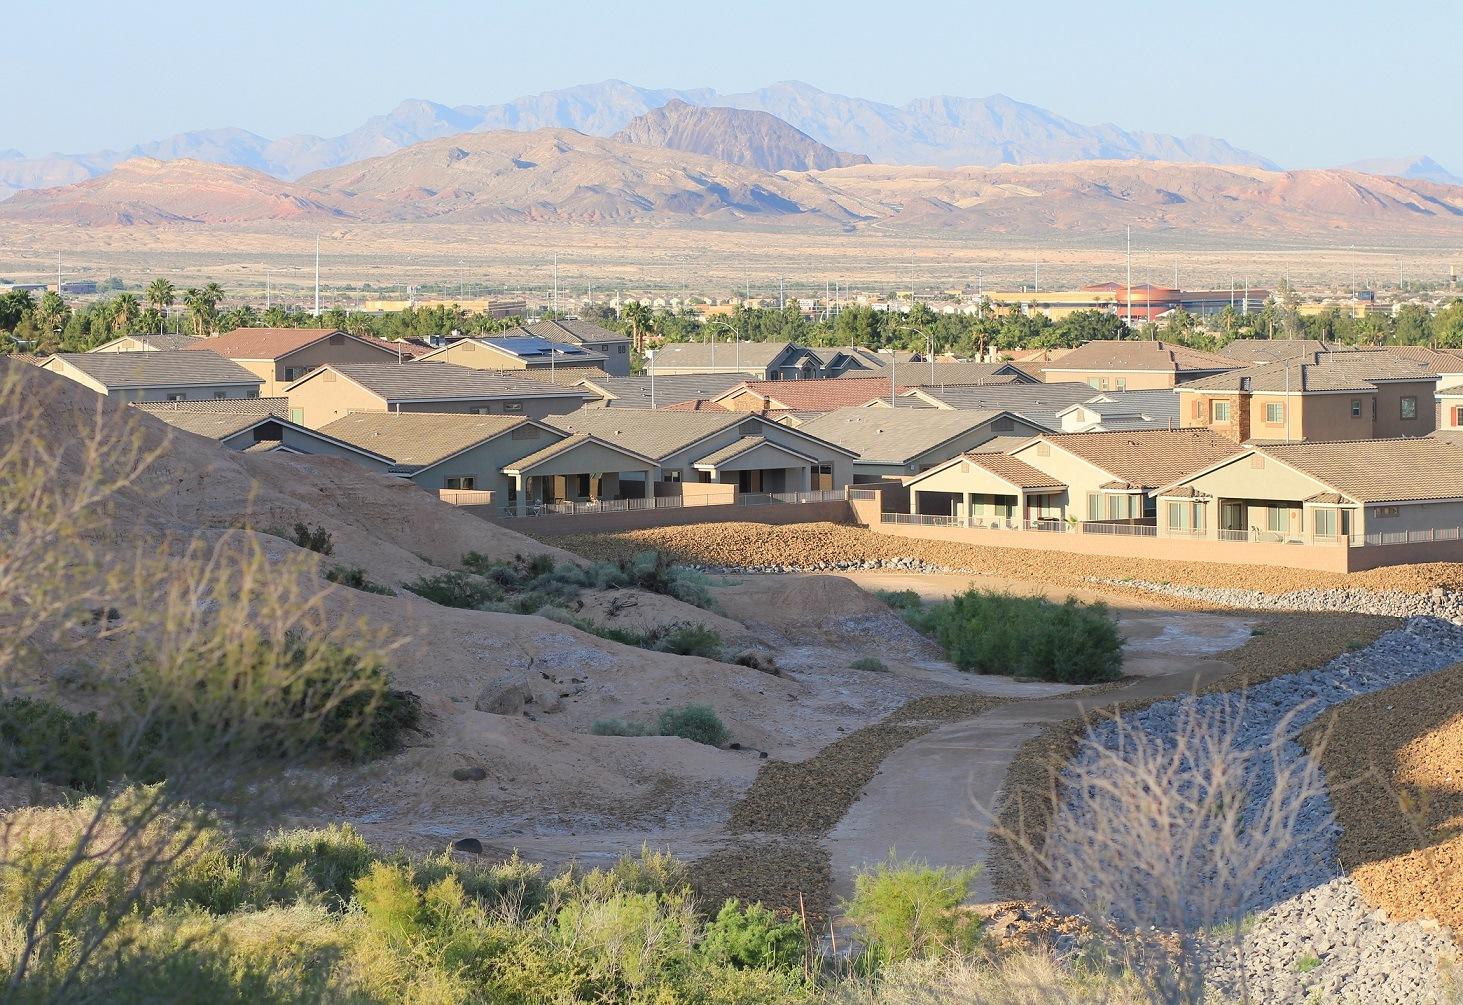 Houses in the desert Henderson, Nevada